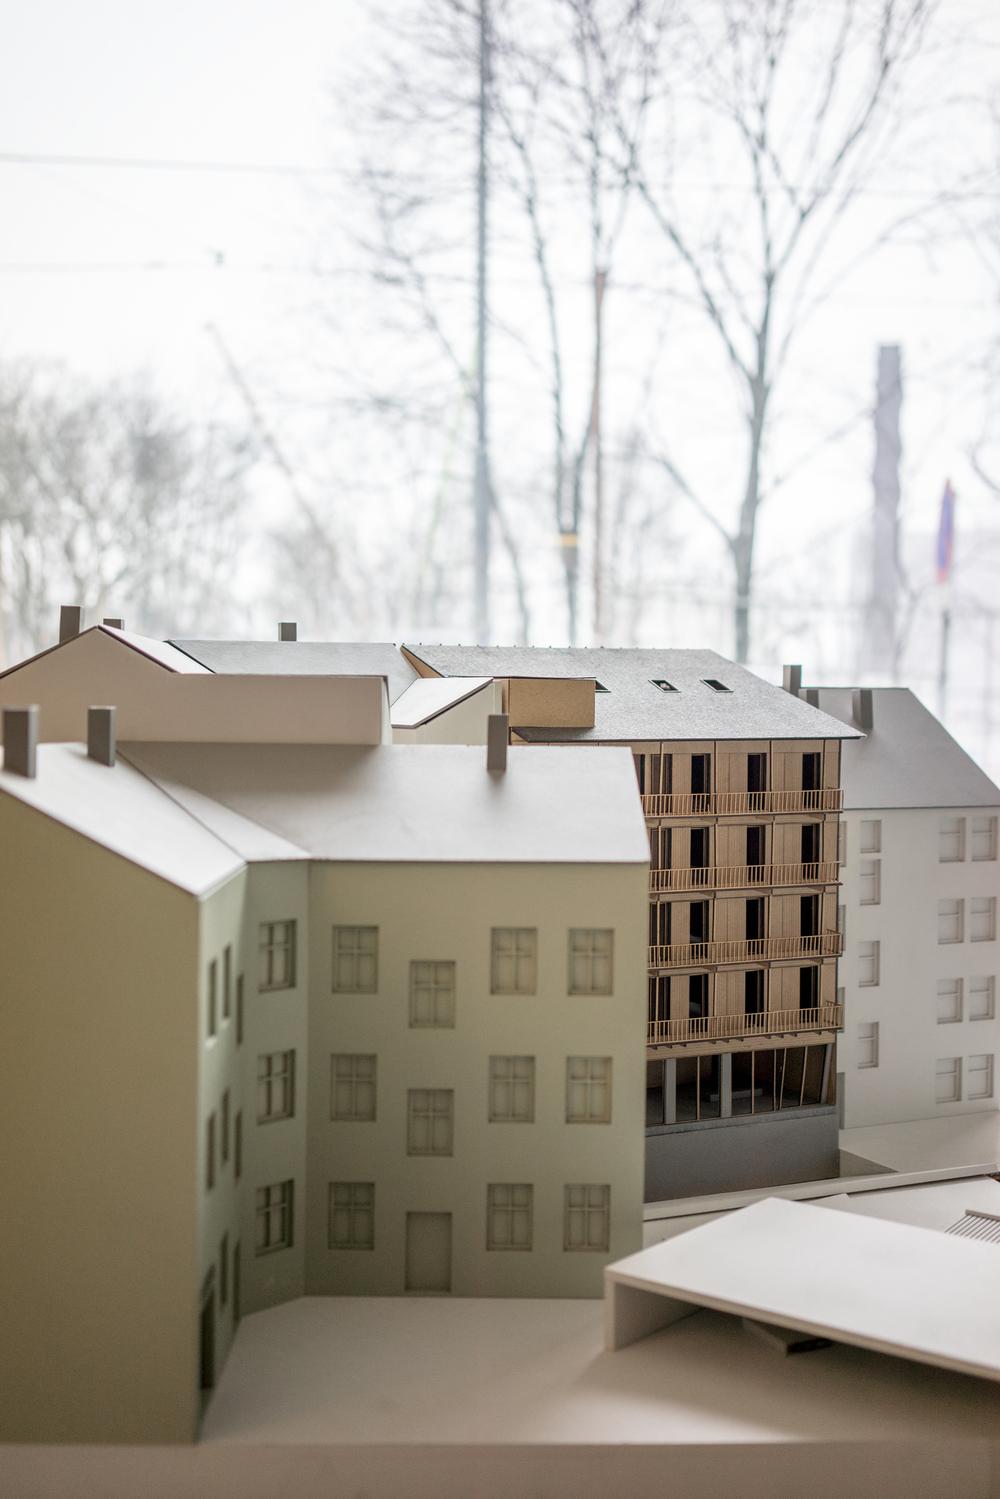 Foto: Christian Lycke   Modell av prosjektet i Hauskvartalet